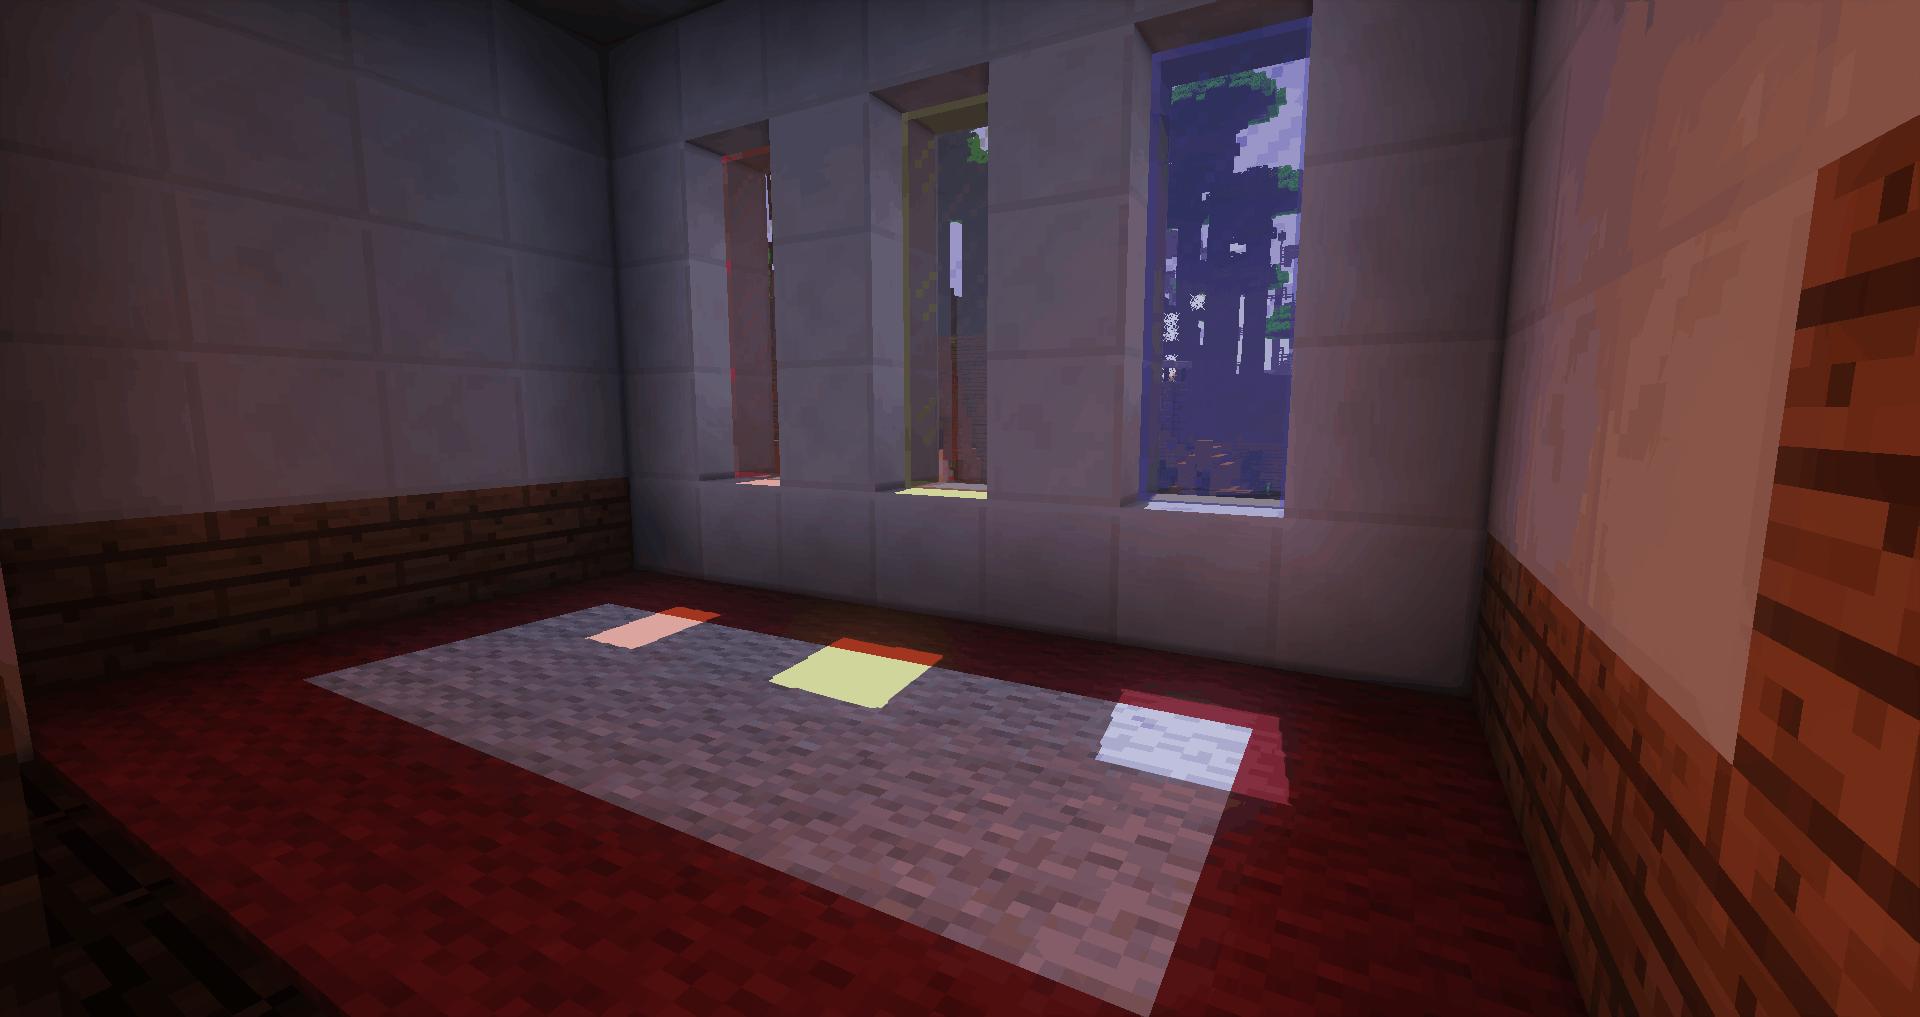 L'intérieur d'une maison avec le soleil qui passe par la fenêtre